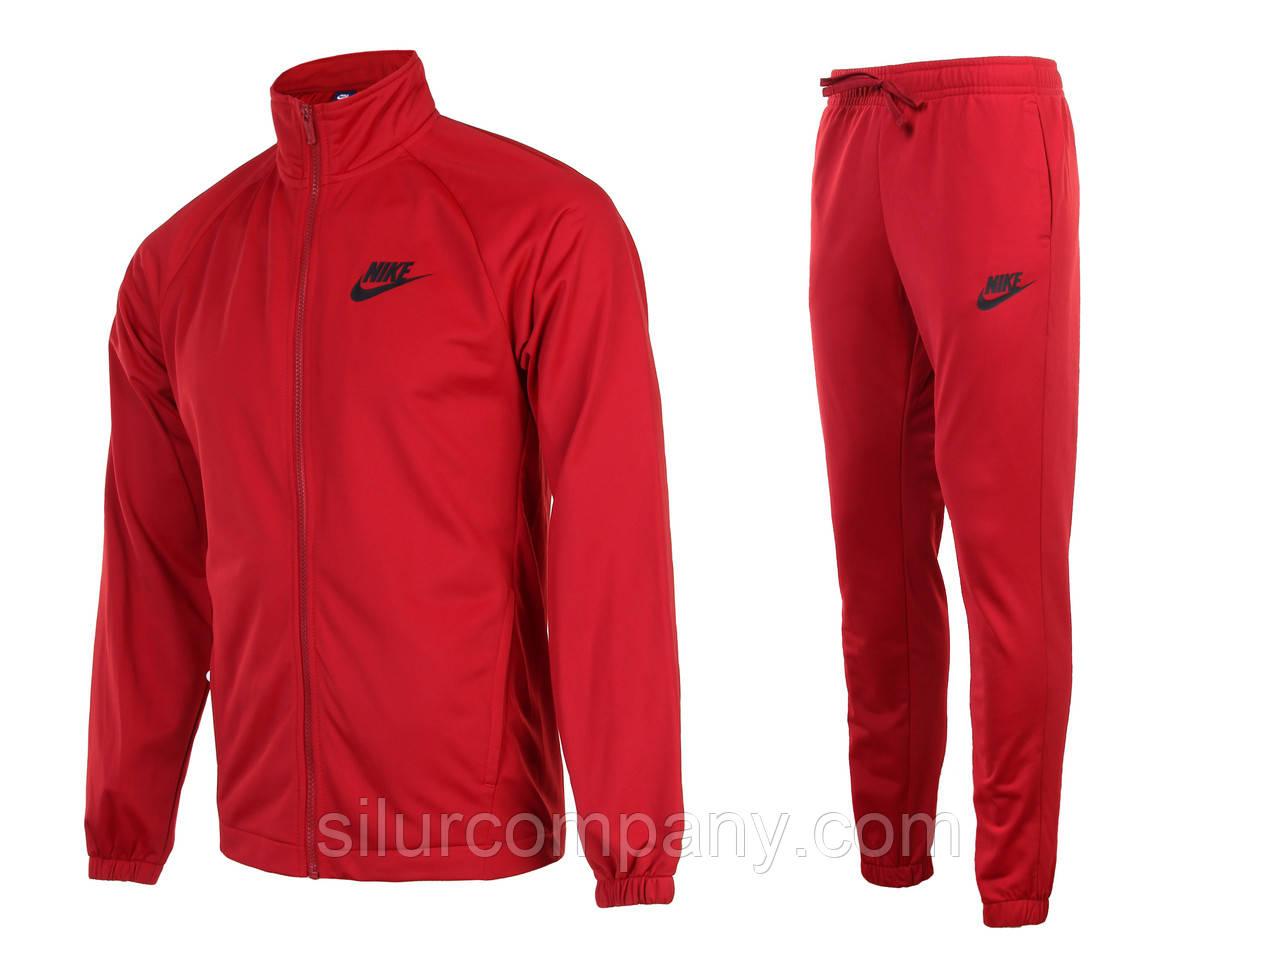 30ee7783262c Красный спортивный костюм мужской Найк эластик - Интернет магазин